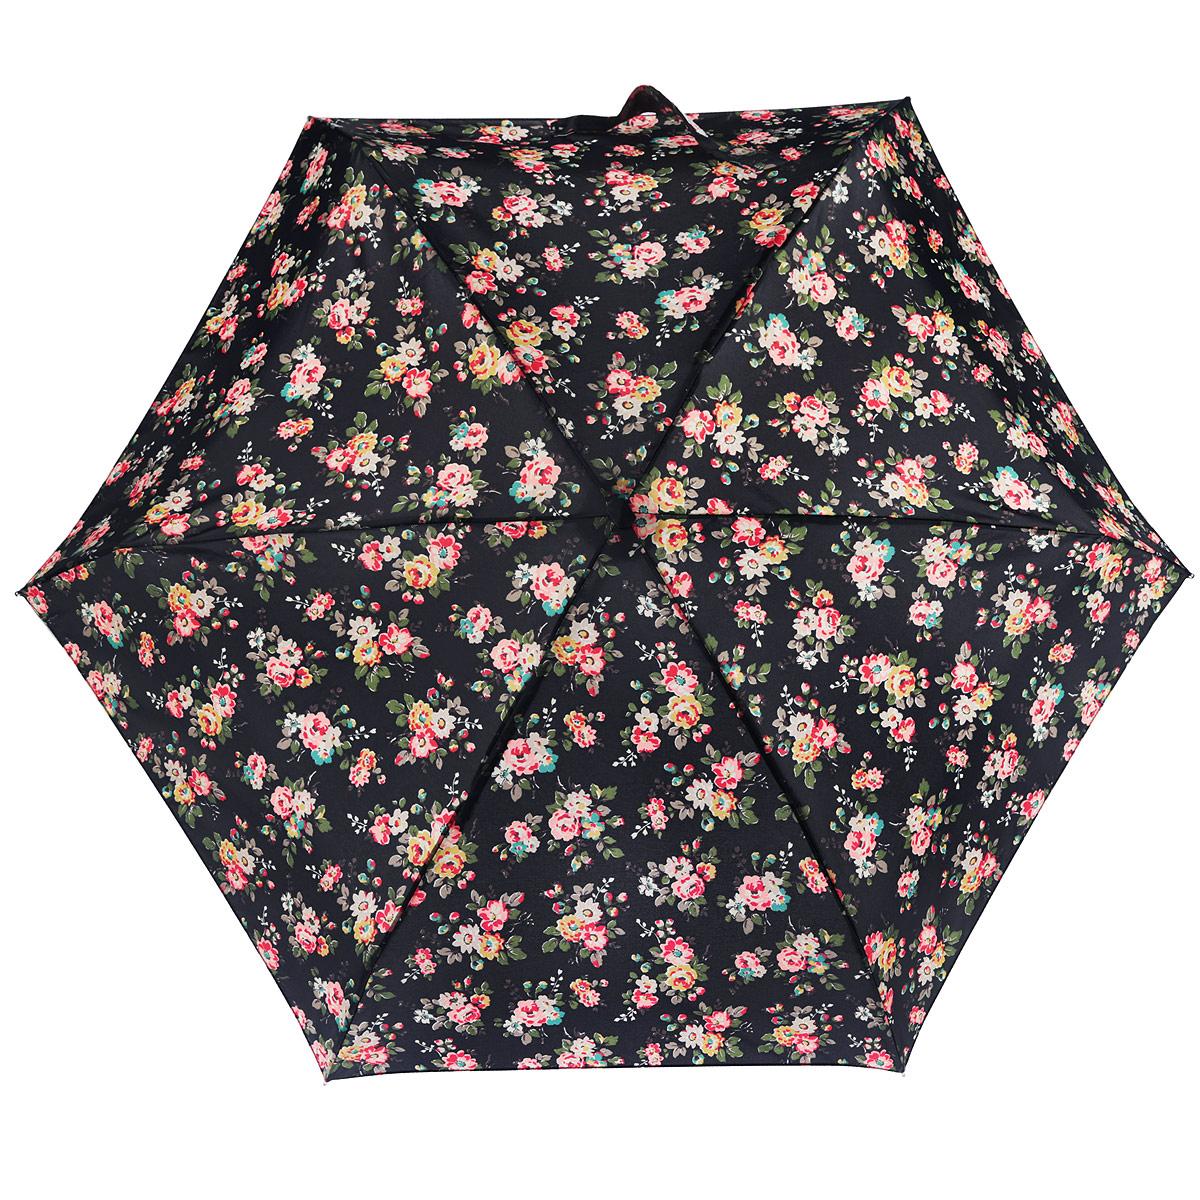 Зонт женский Fulton CathKidston Tiny. Kingswood Rose Charcoal, механический, 5 сложений, цвет: черный, розовый, красный, зеленый. L739-2845L739-2845Очаровательный механический зонт CathKidston Tiny. Kingswood Rose Charcoal в 5 сложений изготовлен из высокопрочных материалов. Каркас зонта состоит из 6 спиц и прочного алюминиевого стержня. Купол зонта выполнен из прочного полиэстера с водоотталкивающей пропиткой и оформлен рисунком в виде цветов. Рукоятка изготовлена из дерева. Зонт имеет механический механизм сложения: купол открывается и закрывается вручную до характерного щелчка. Небольшой шнурок, расположенный на рукоятке, позволяет надеть изделие на руку при необходимости. Модель закрывается при помощи хлястика на застежку-липучку. К зонту прилагается чехол. Прелестный зонт не только выручит вас в ненастную погоду, но и станет стильным аксессуаром, прекрасно дополнит ваш модный образ. Необыкновенно компактный зонт с легкостью поместится в маленькую сумочку.